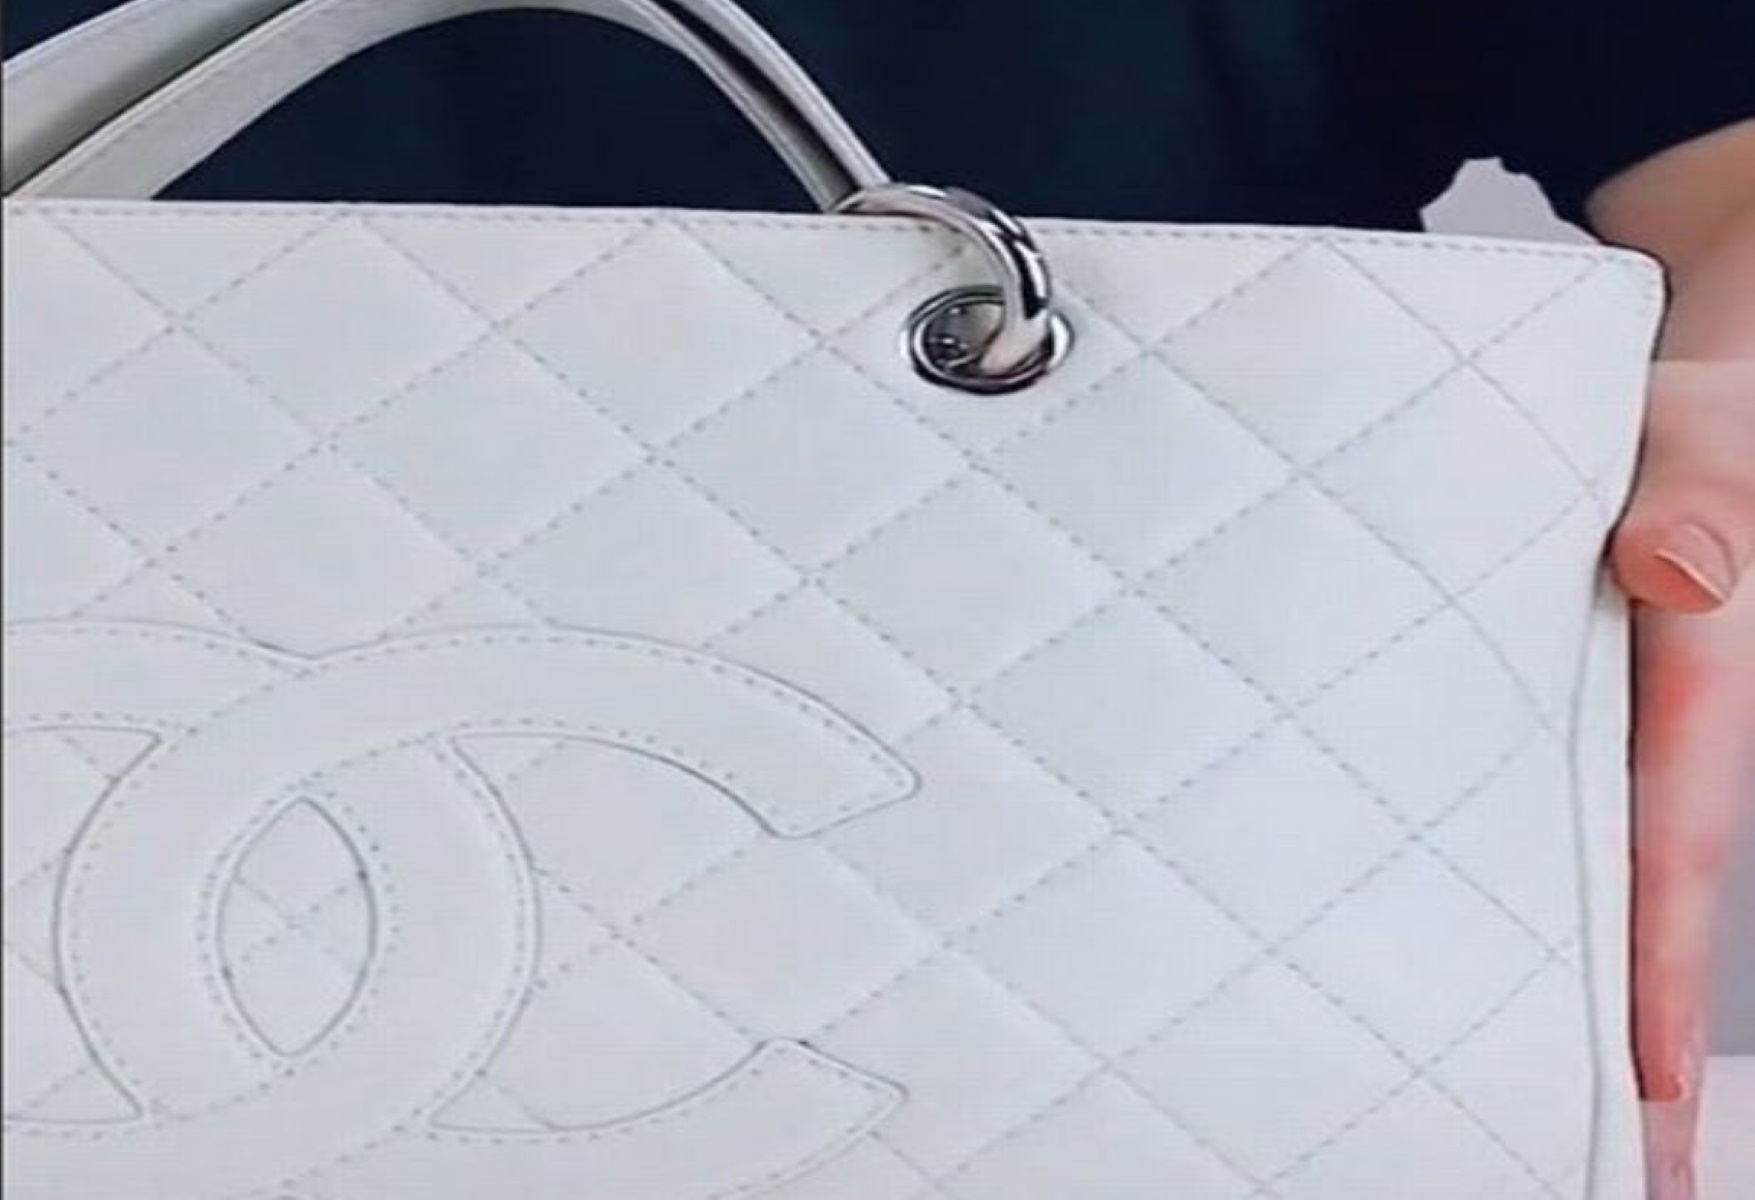 Αυτό συνέβη όταν η τσάντα Chanel έπεσε στα χέρια της 5χρονης κόρης της (pics)